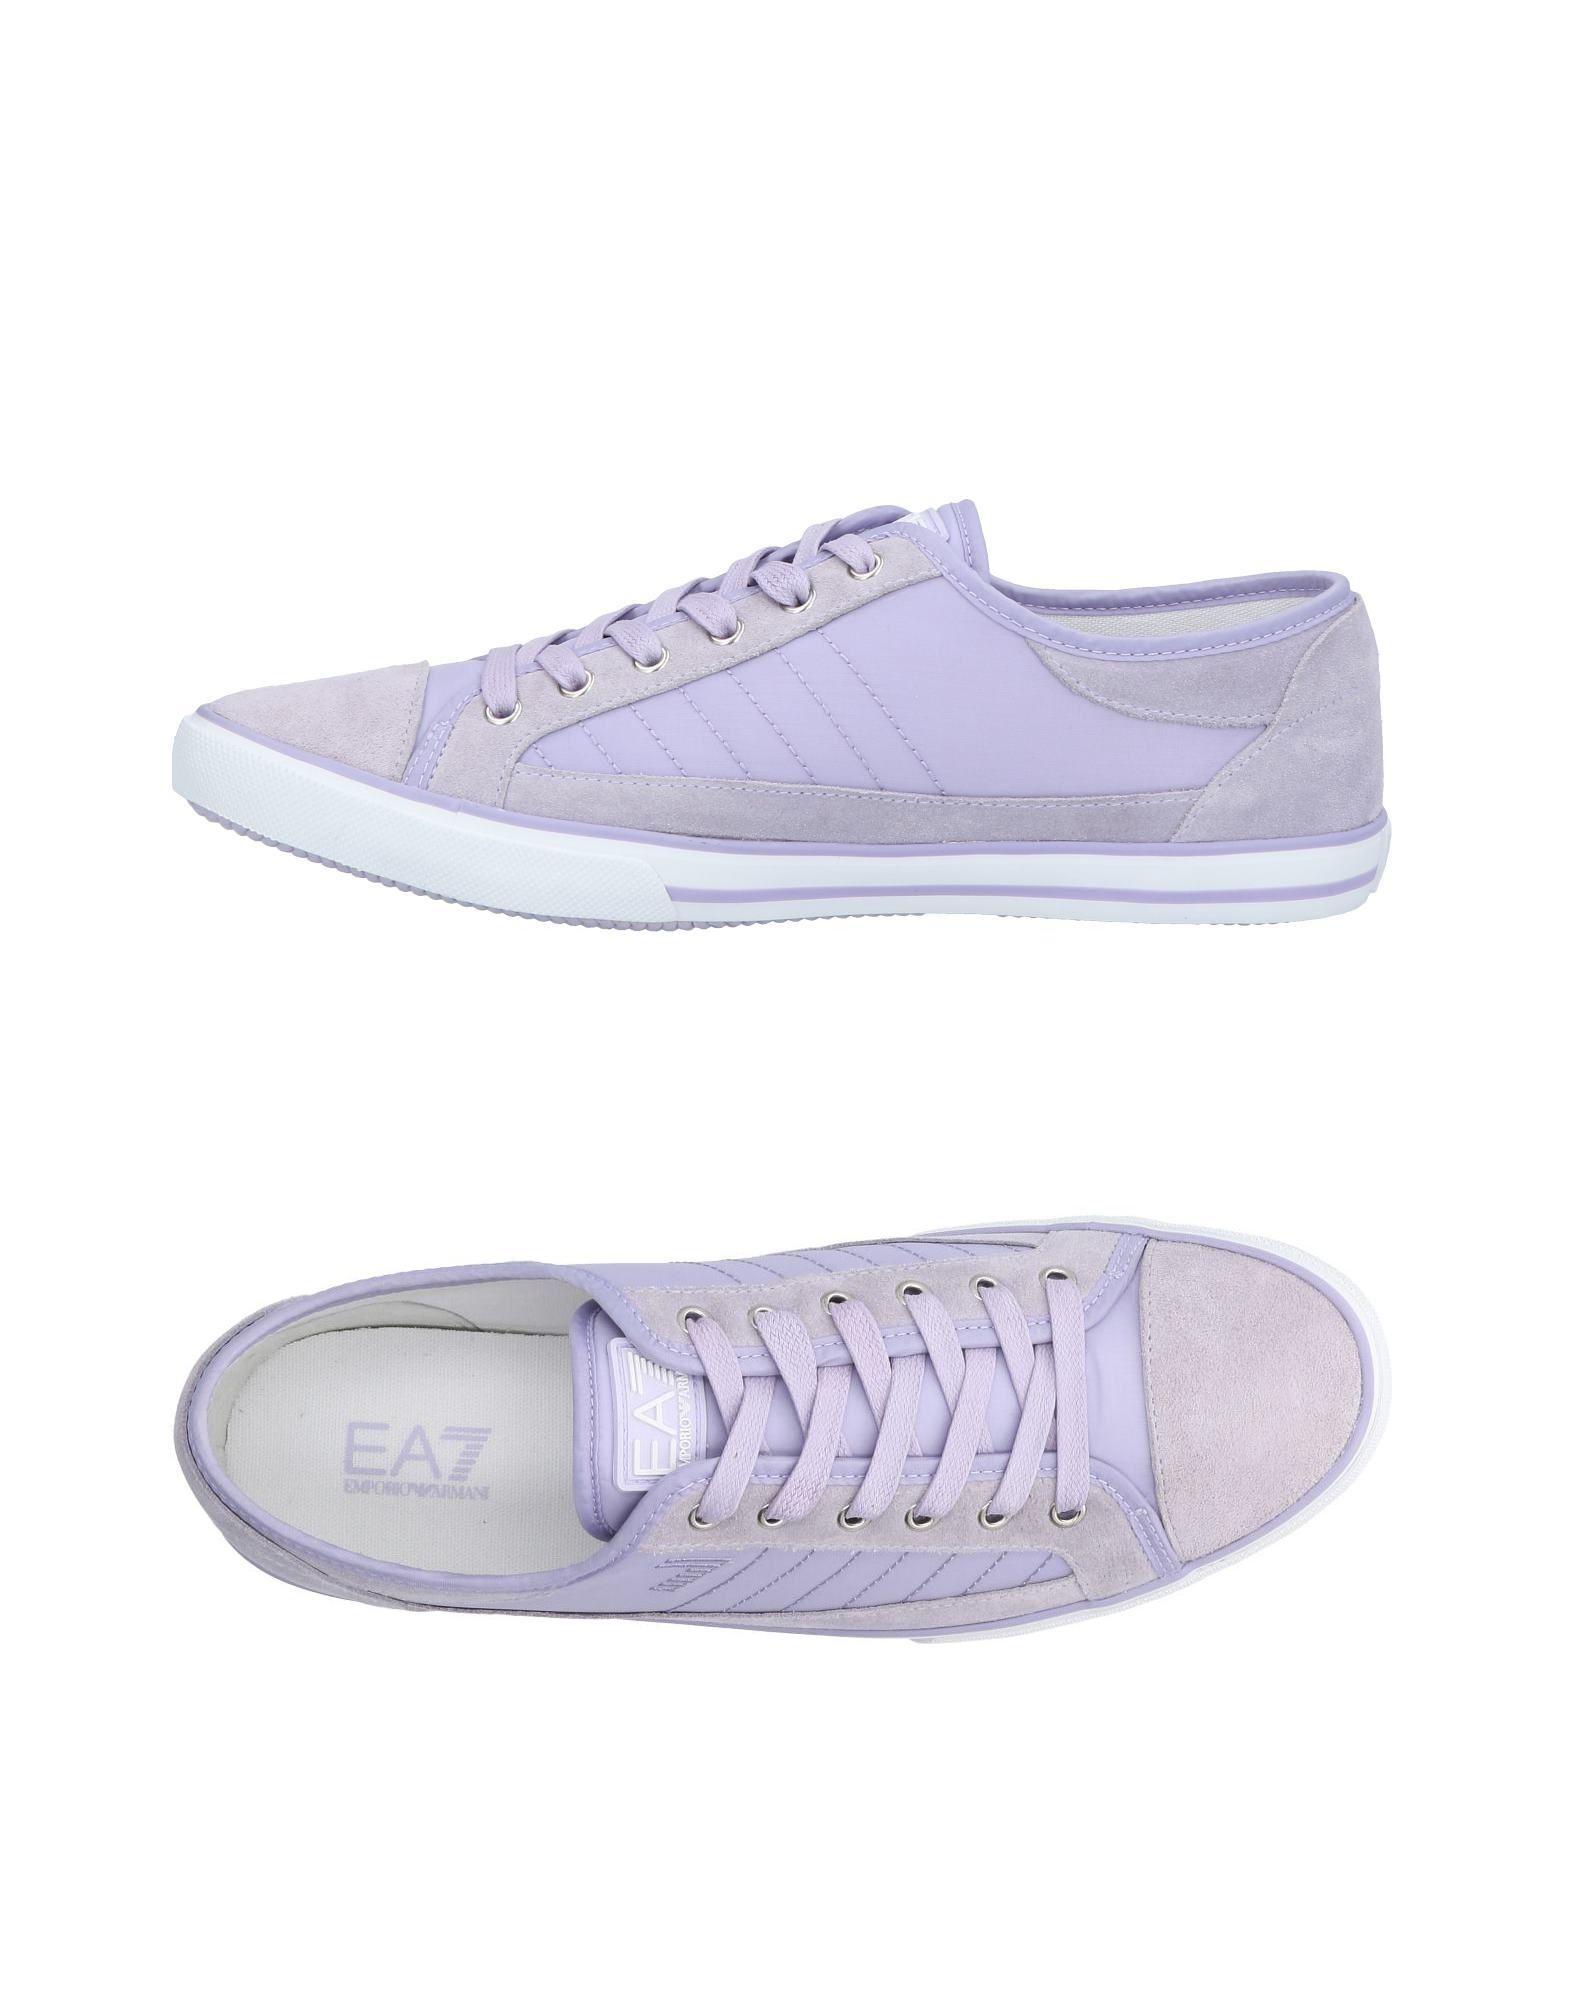 EA7 Низкие кеды и кроссовки кроссовки ea7 248050 cc299 06935